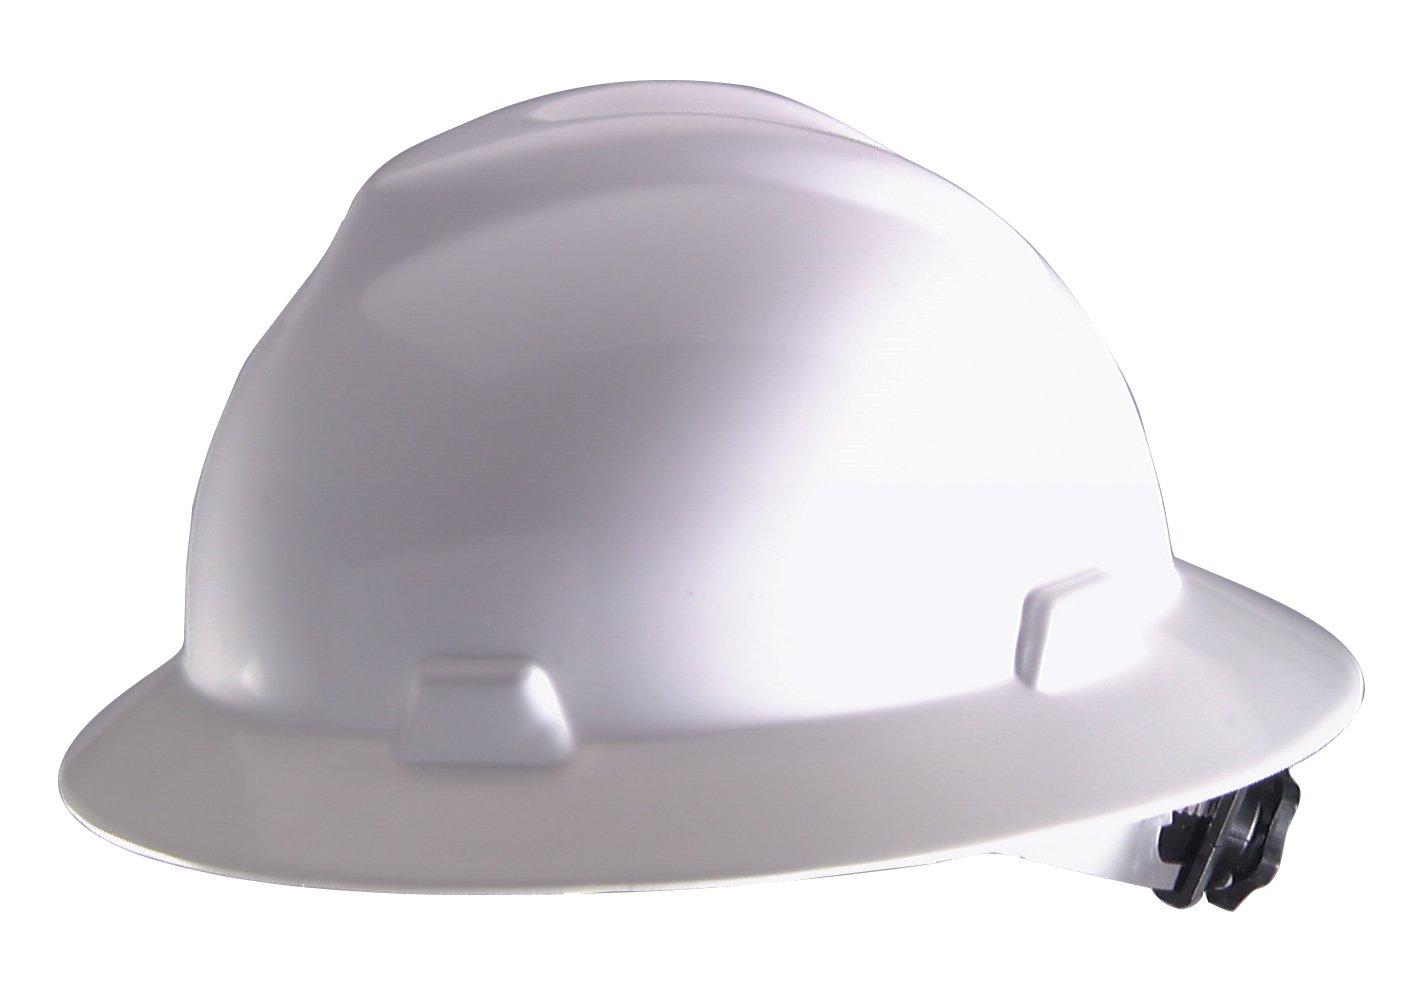 Image result for hard hat